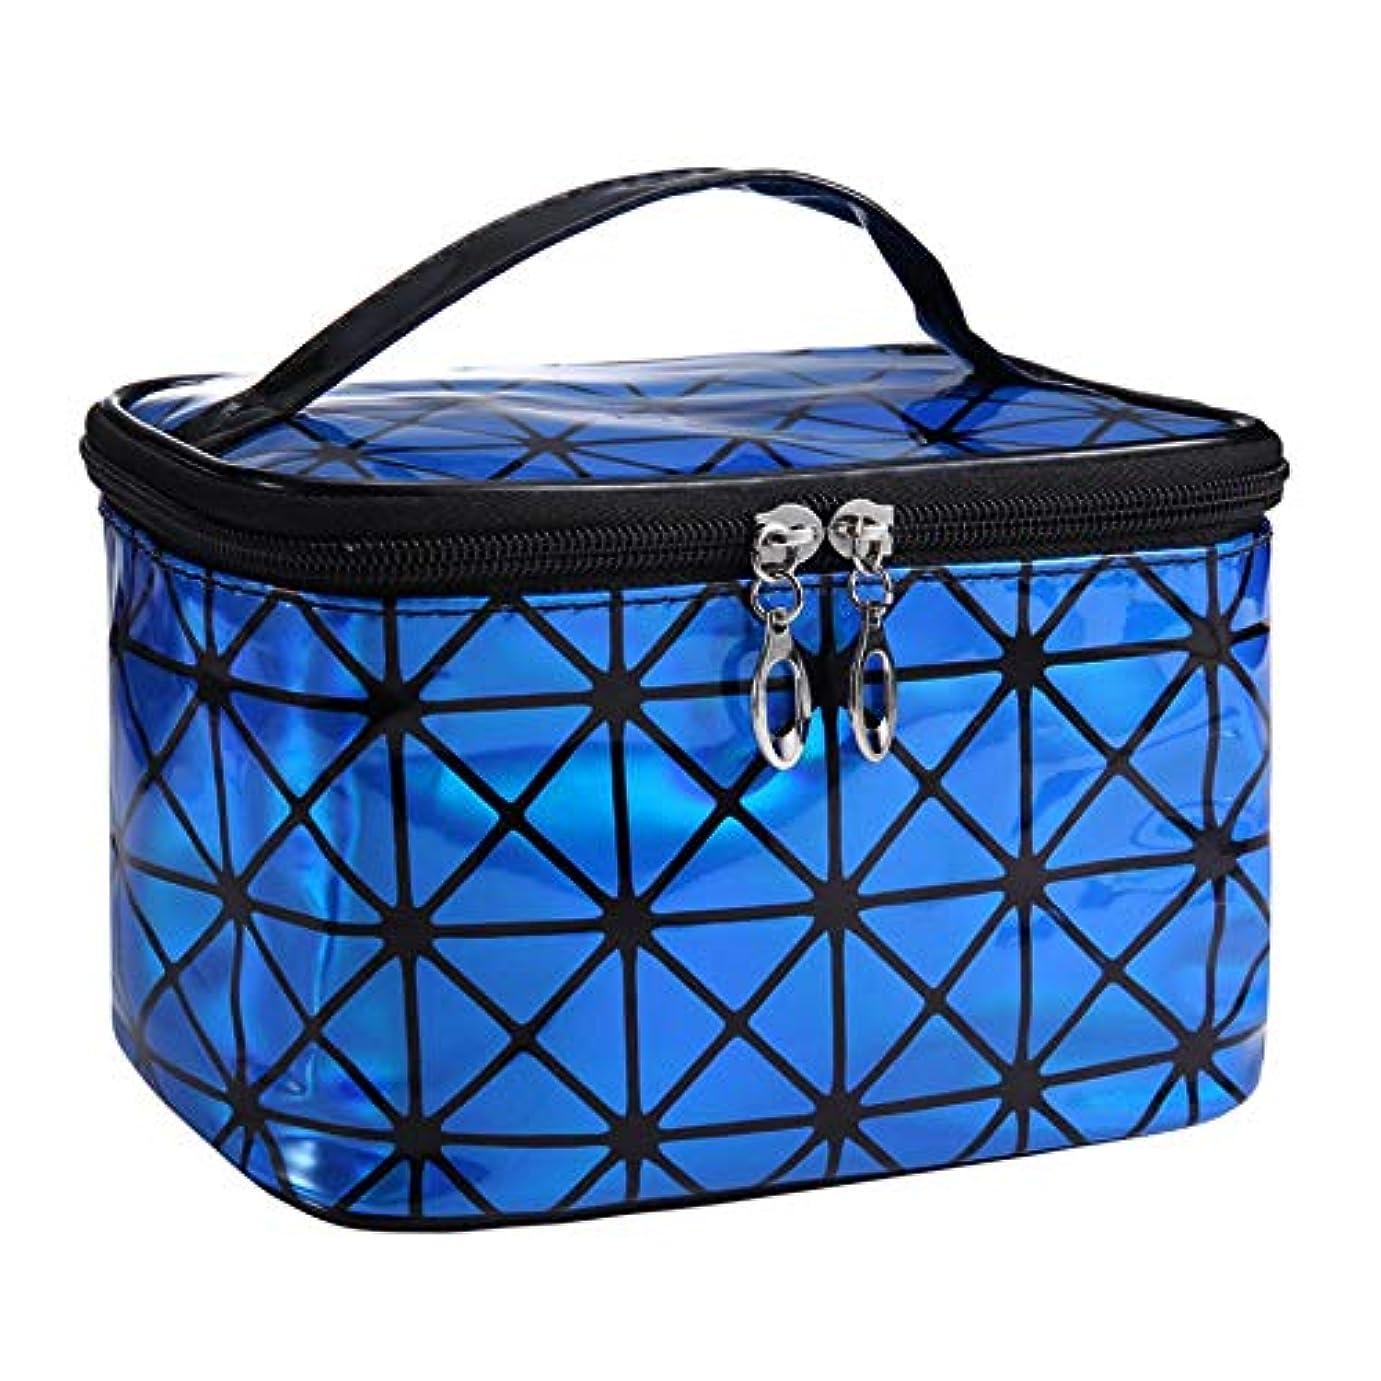 推定するライオネルグリーンストリート同化するCUHAWUDBA ブルー機能化粧品バッグ女性ファッションPuレザー旅行メイクアップ必需品オーガナイザージッパー化粧ケースポーチトイレタリーキットバッグ